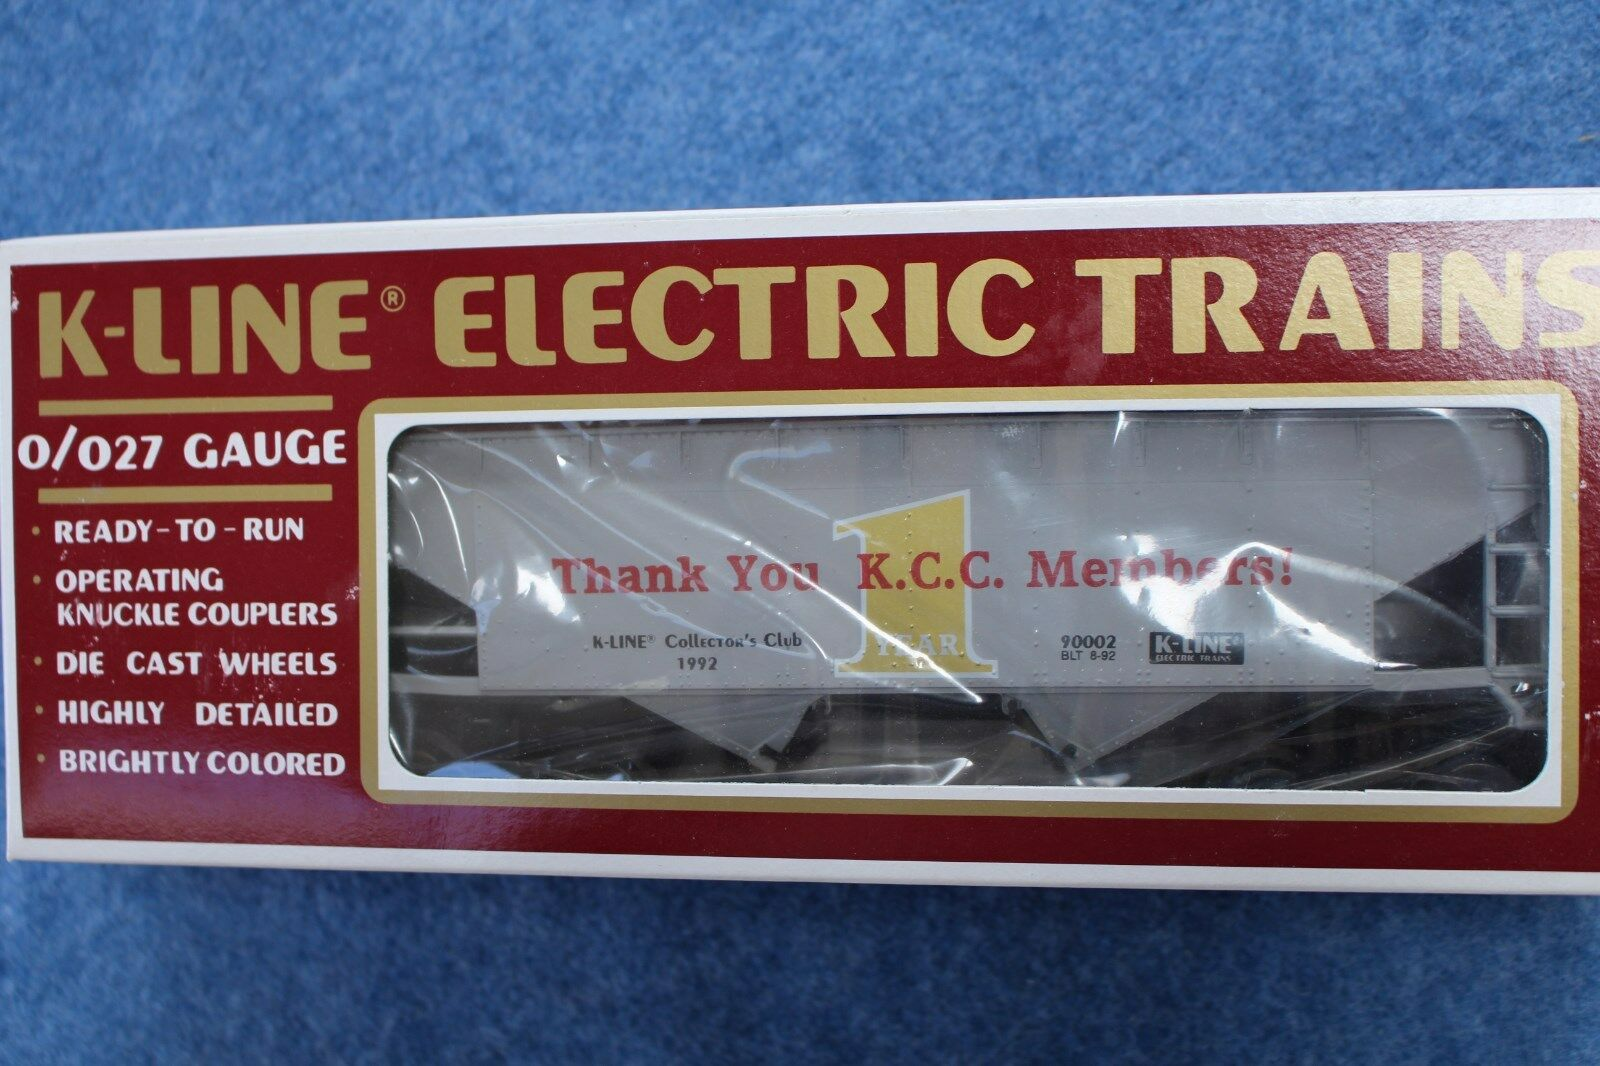 1992 k - line   k90002 danke kollegen hopper kcc collector 's club l2657